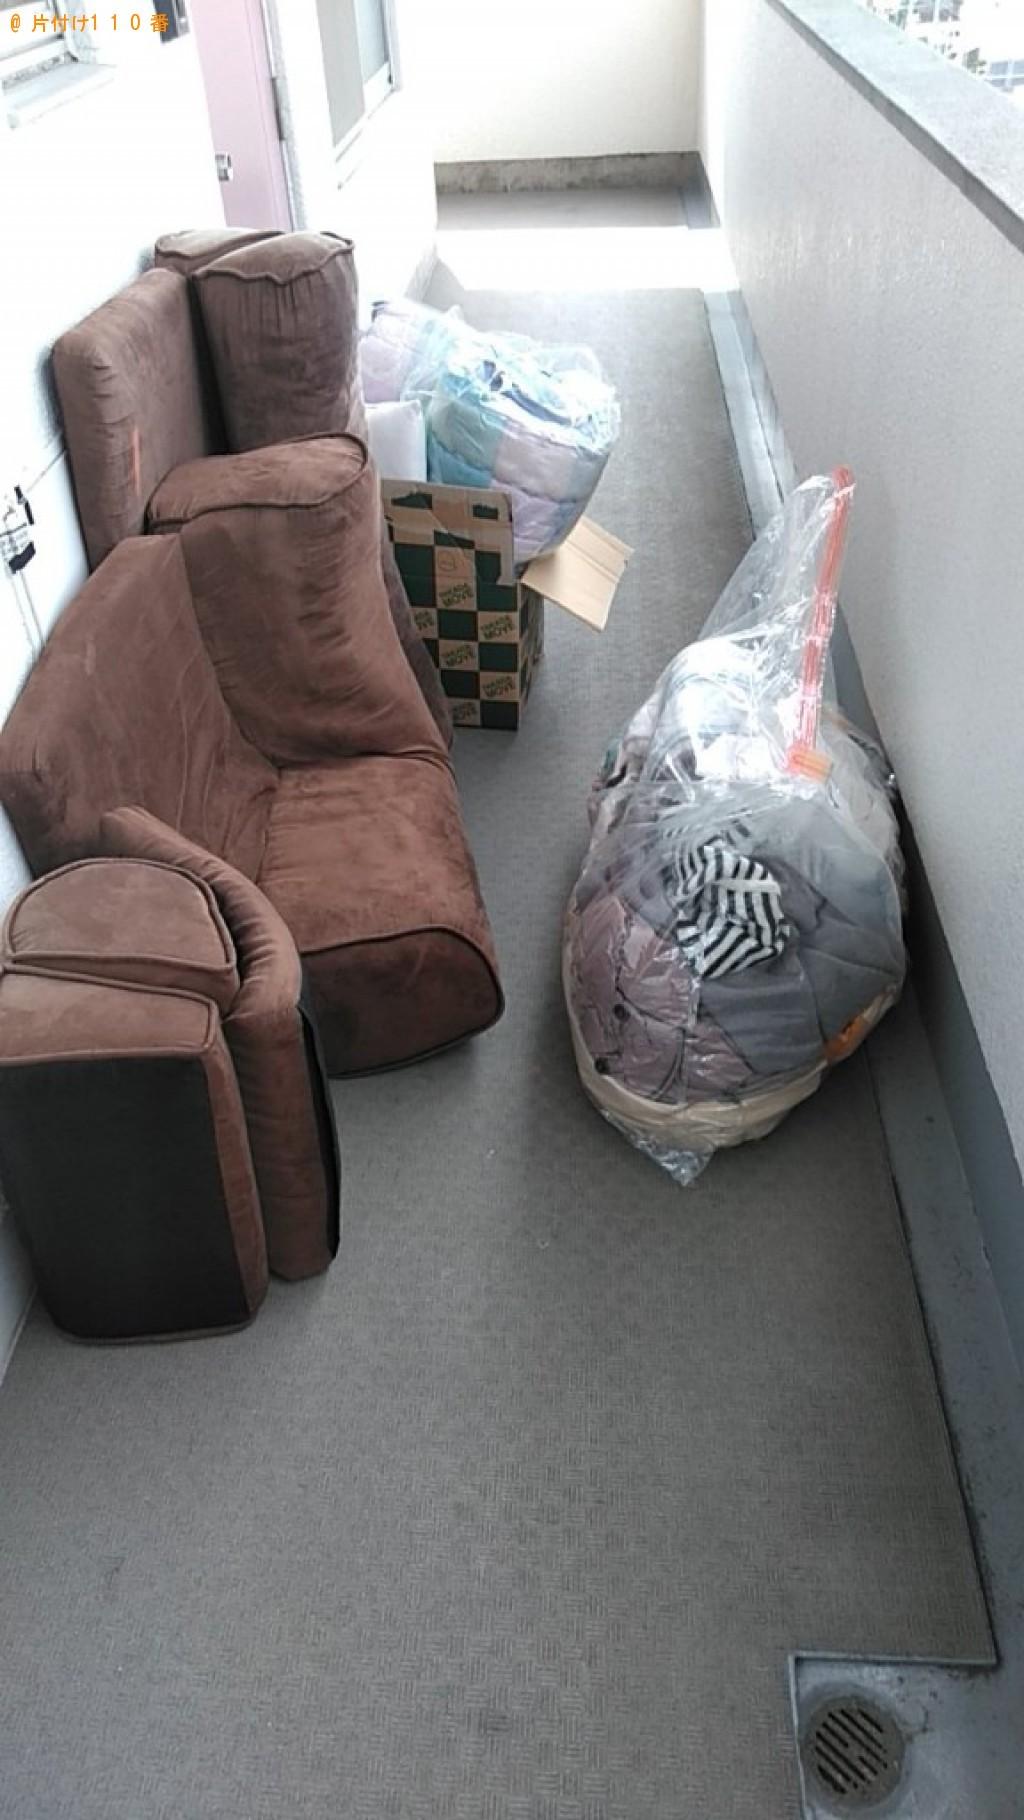 【松山市朝生田町】ソファー、衣類の回収・処分ご依頼 お客様の声